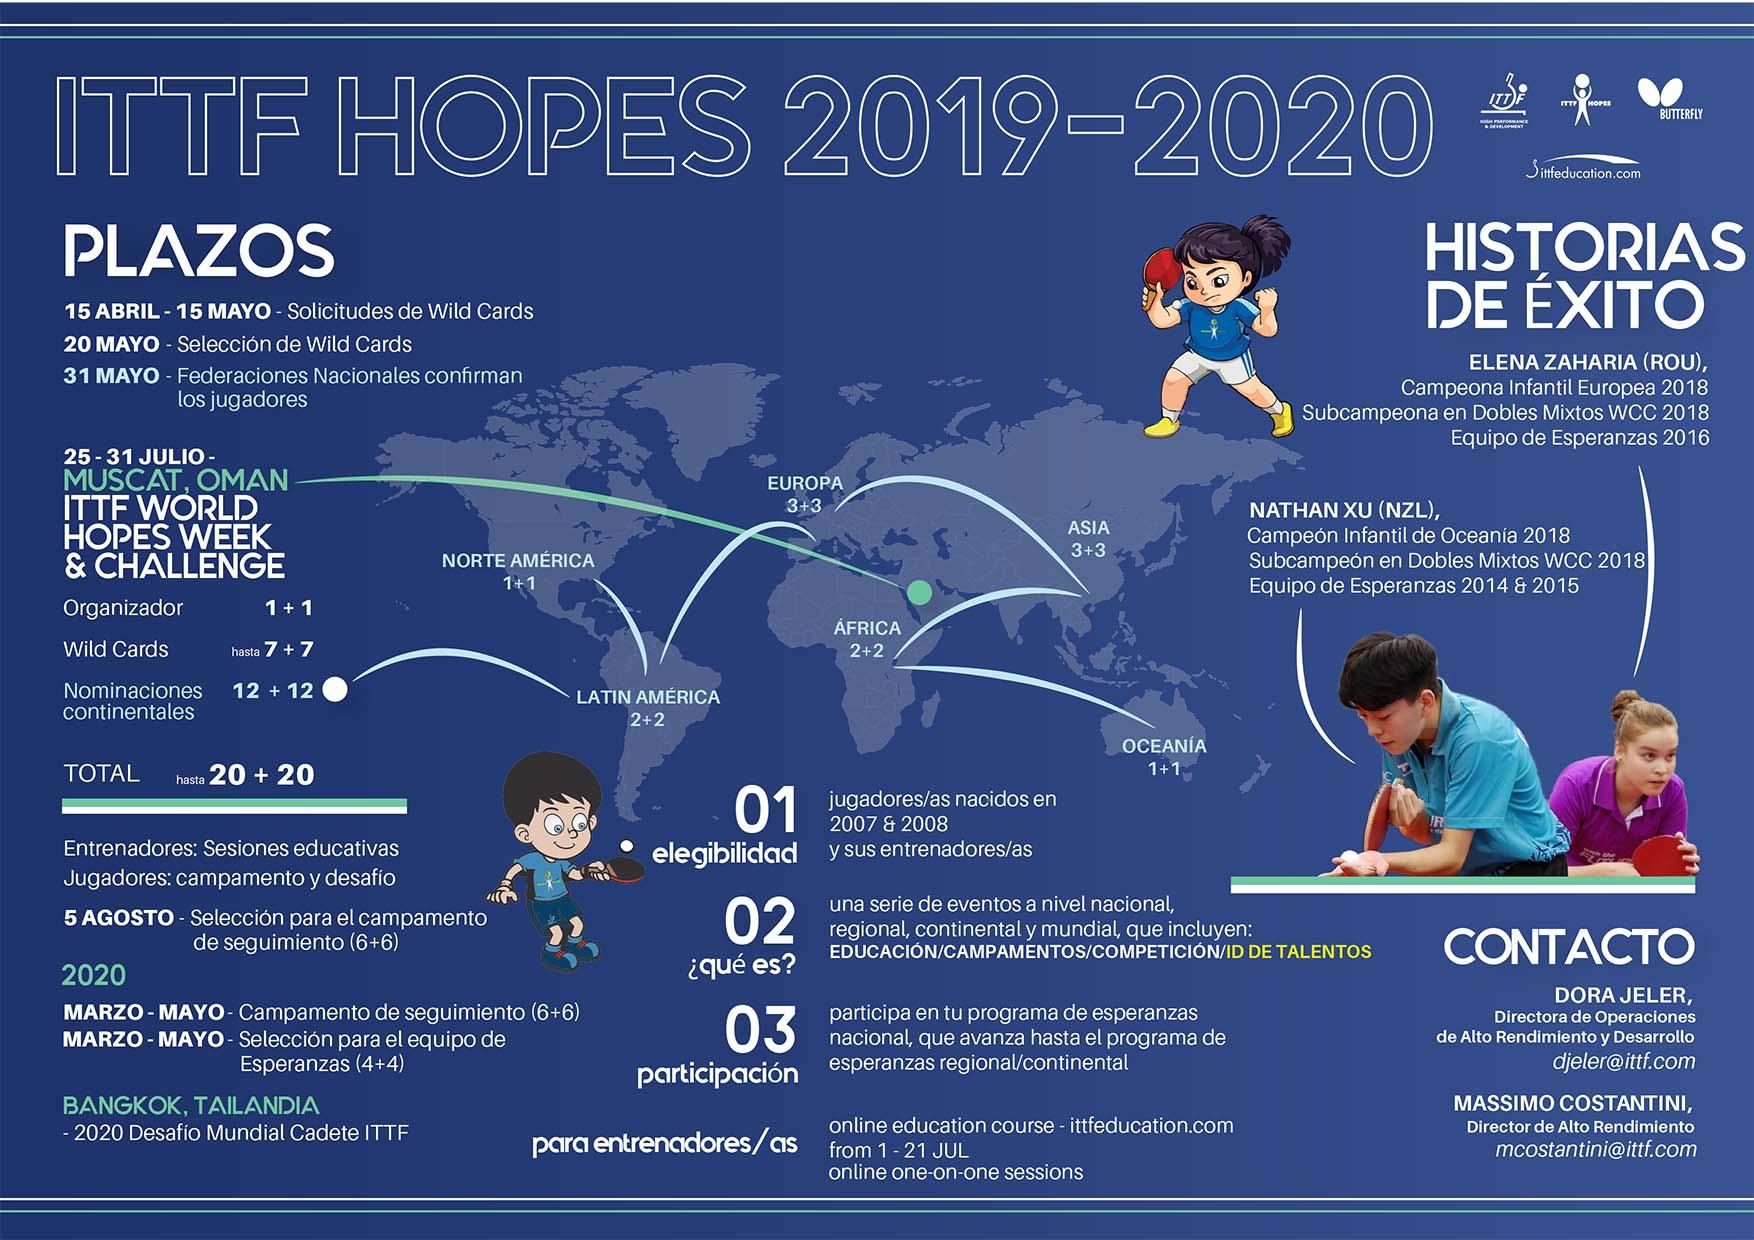 hopes 2019